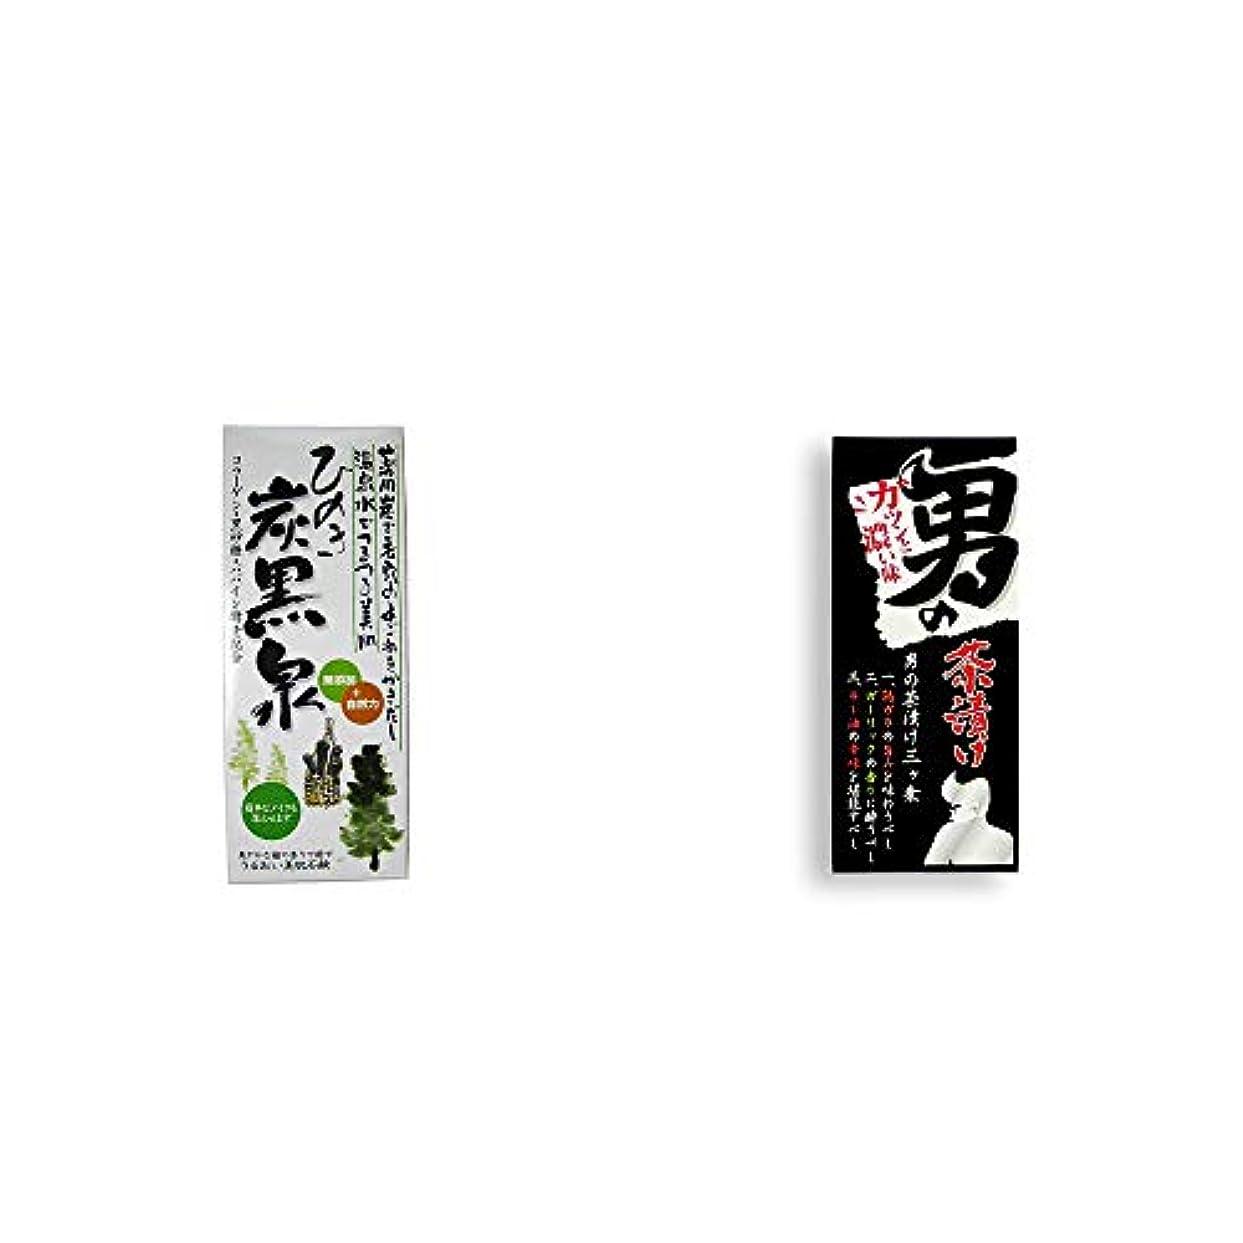 検索エンジンマーケティング振幅タブレット[2点セット] ひのき炭黒泉 箱入り(75g×3)?男の茶漬け(4.8g×8袋)